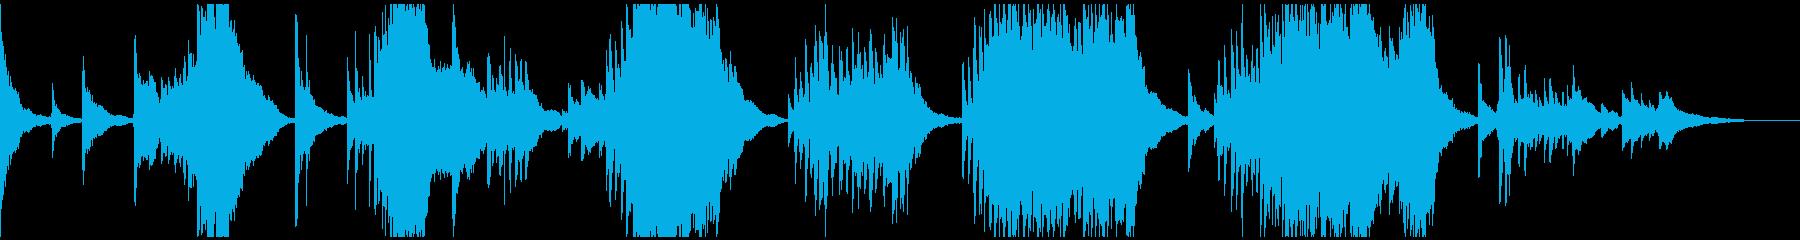 悲しく切ない旋律の即興ピアノの再生済みの波形